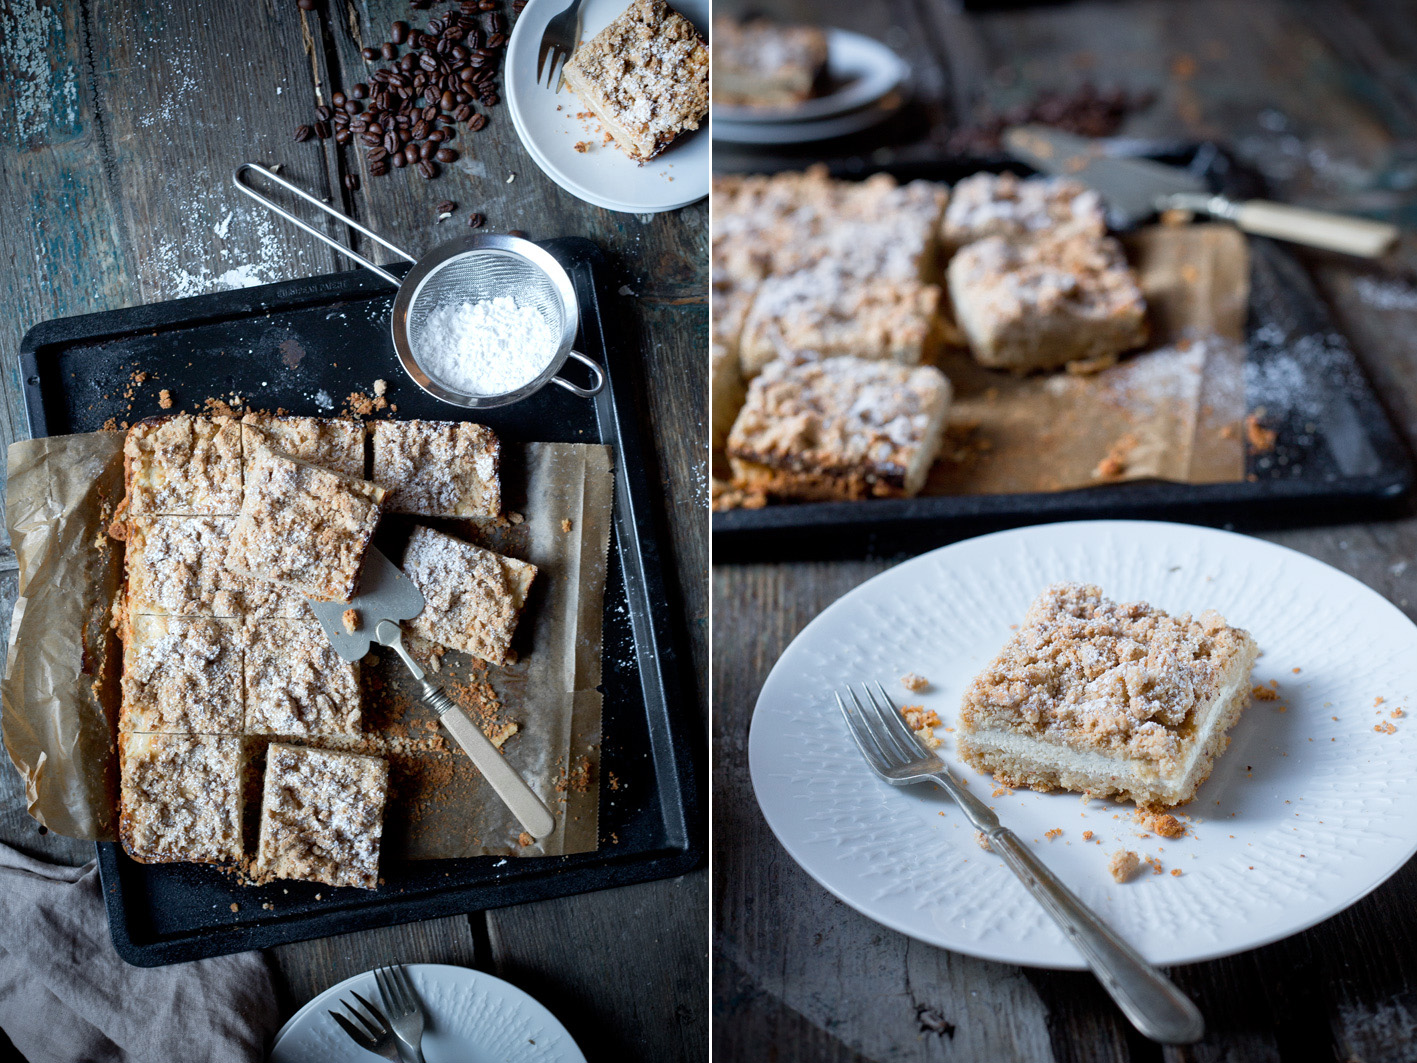 Glutenfreier Streuselkuchen aus gesunden Zutaten